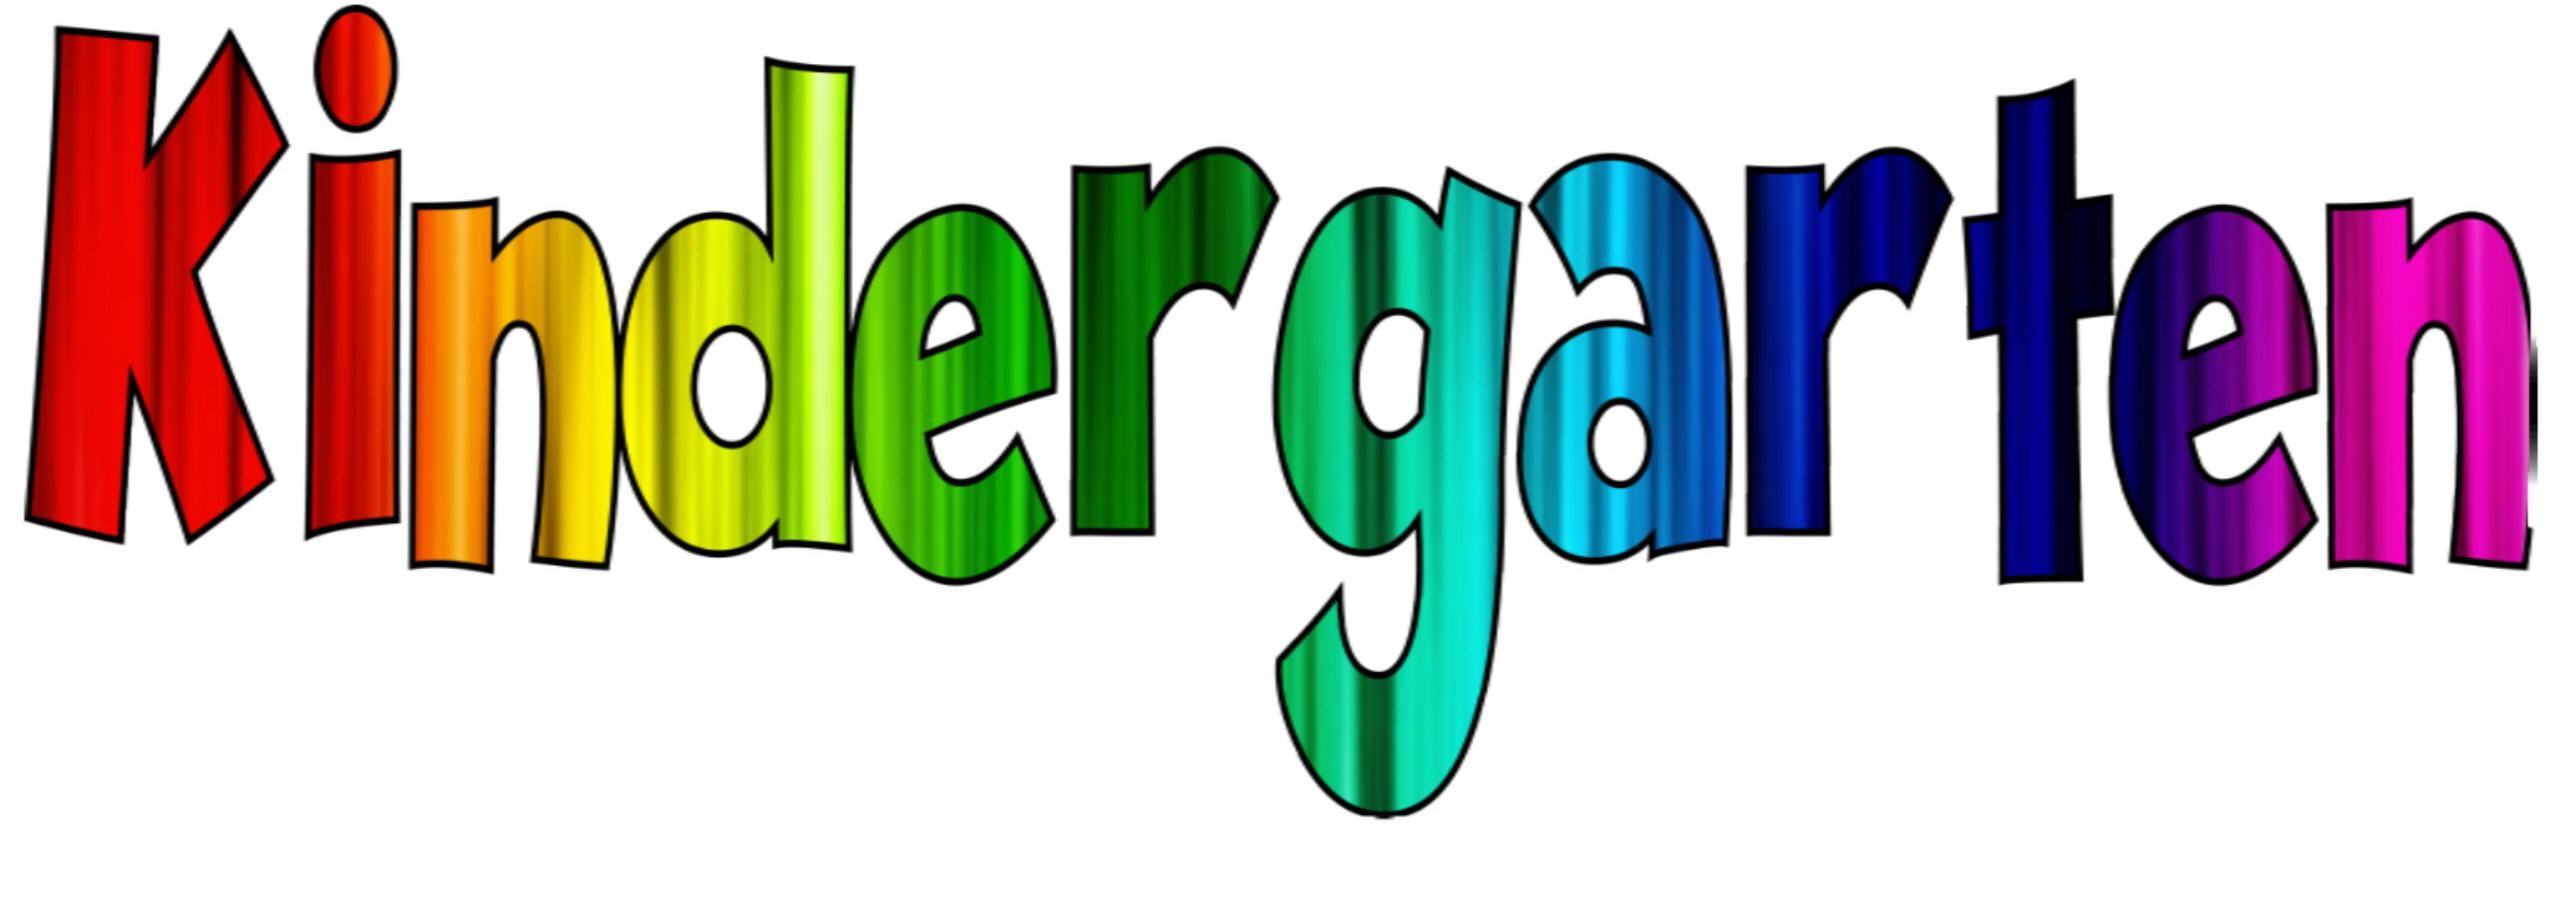 Kindergarten clipart free download clip art on 2